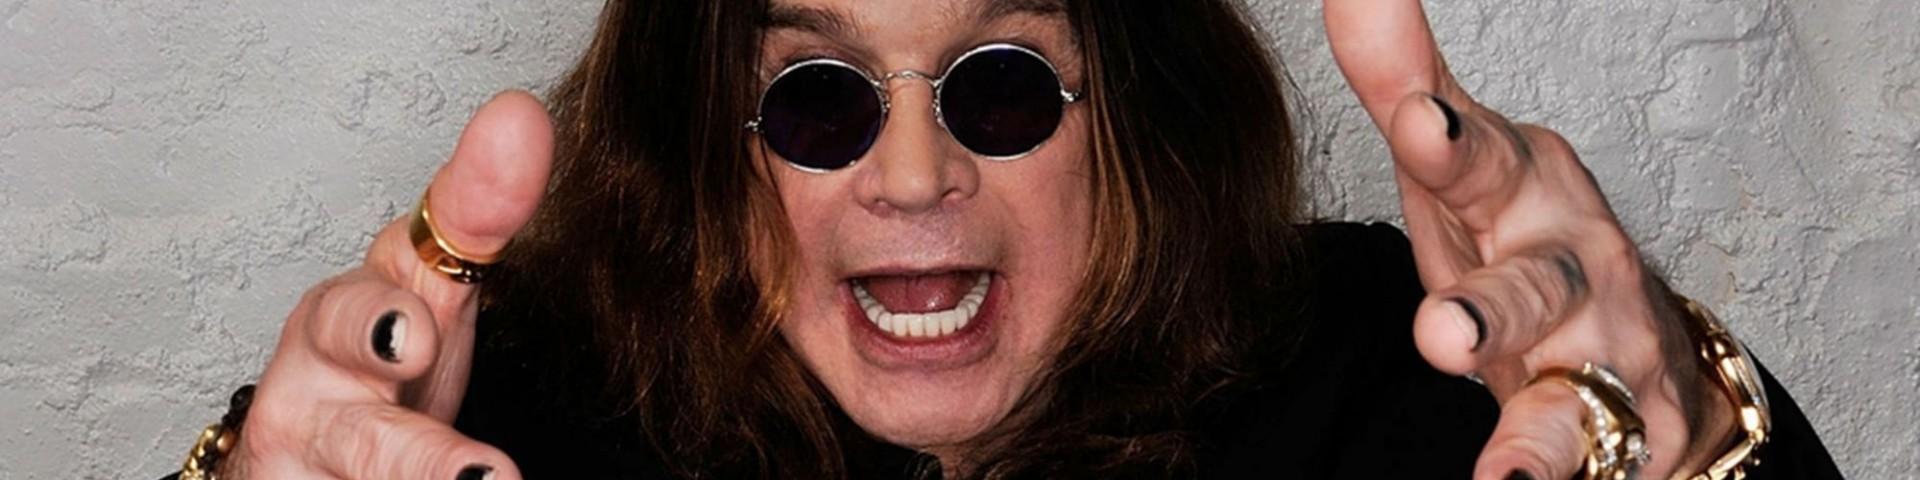 Posticipato il concerto di Ozzy Osbourne a Bologna: come chiedere il rimborso dei biglietti